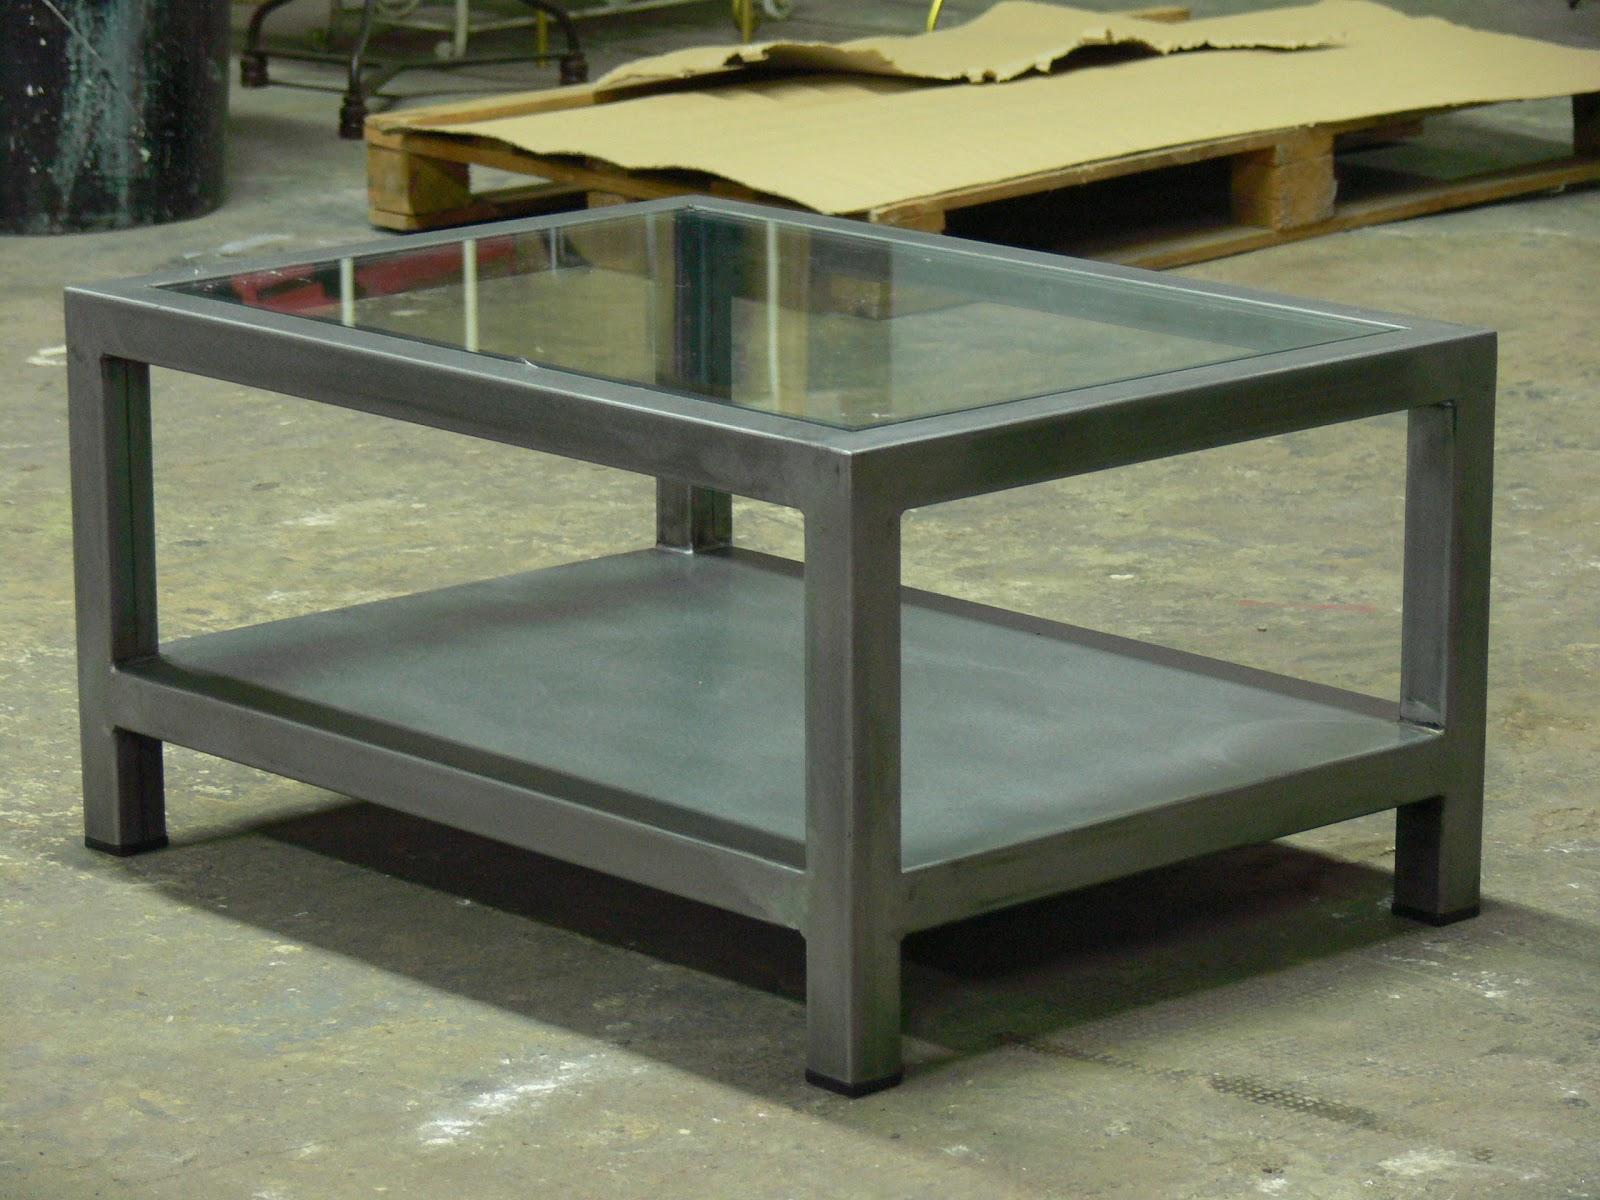 Mesas y sillas en metal de estilo industrial en hierro y for Mesas de hierro forjado y madera